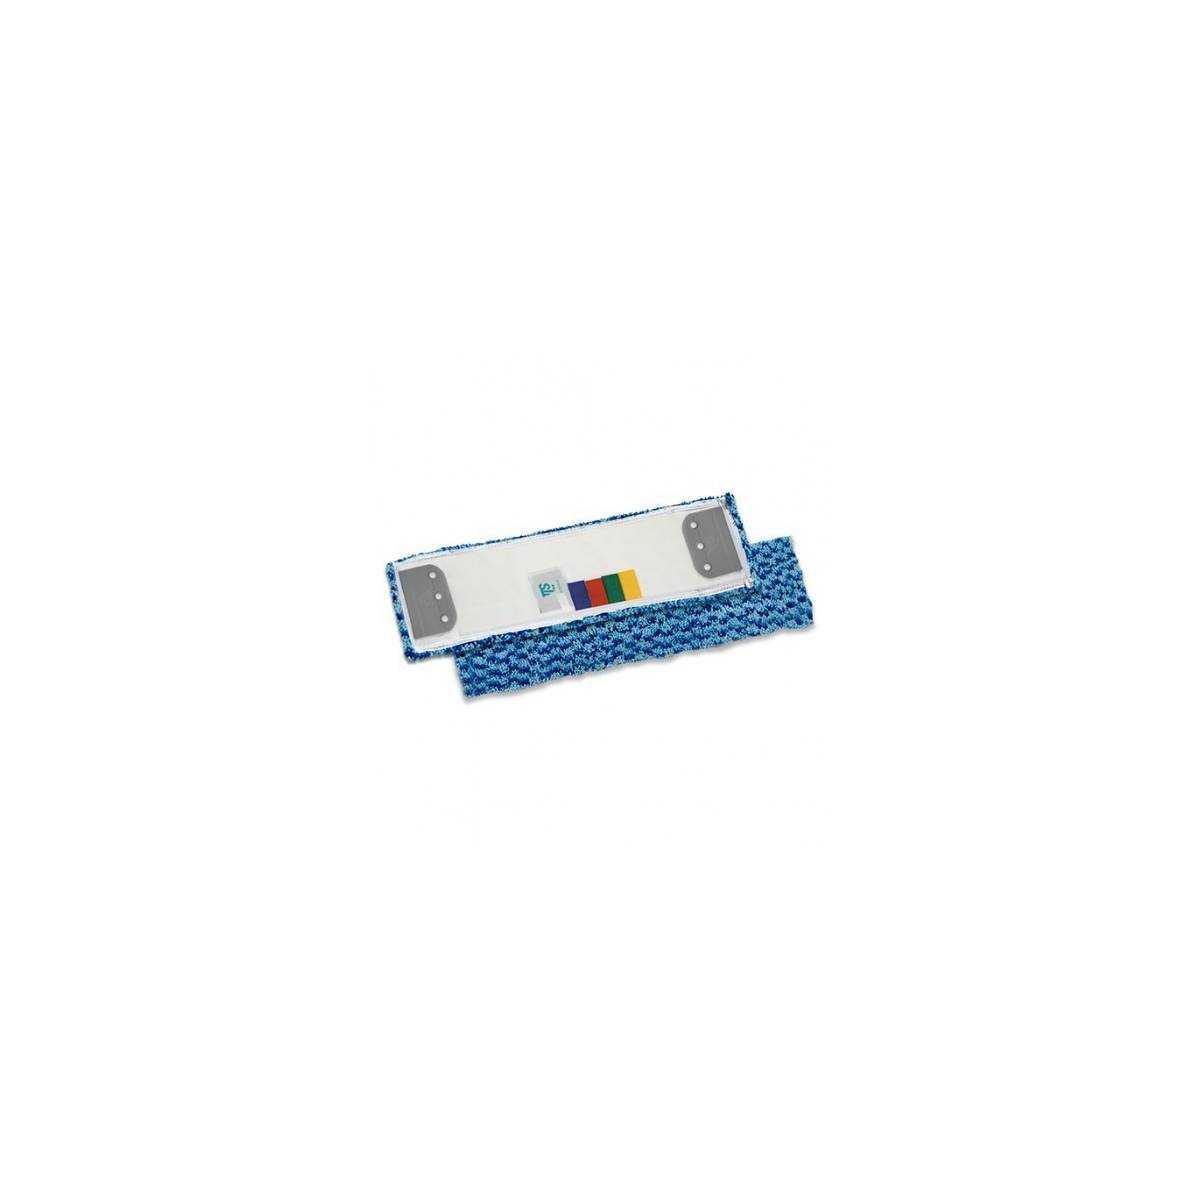 Моп Microsafe Wet System микрофибра 40см (0696) 696 TTS